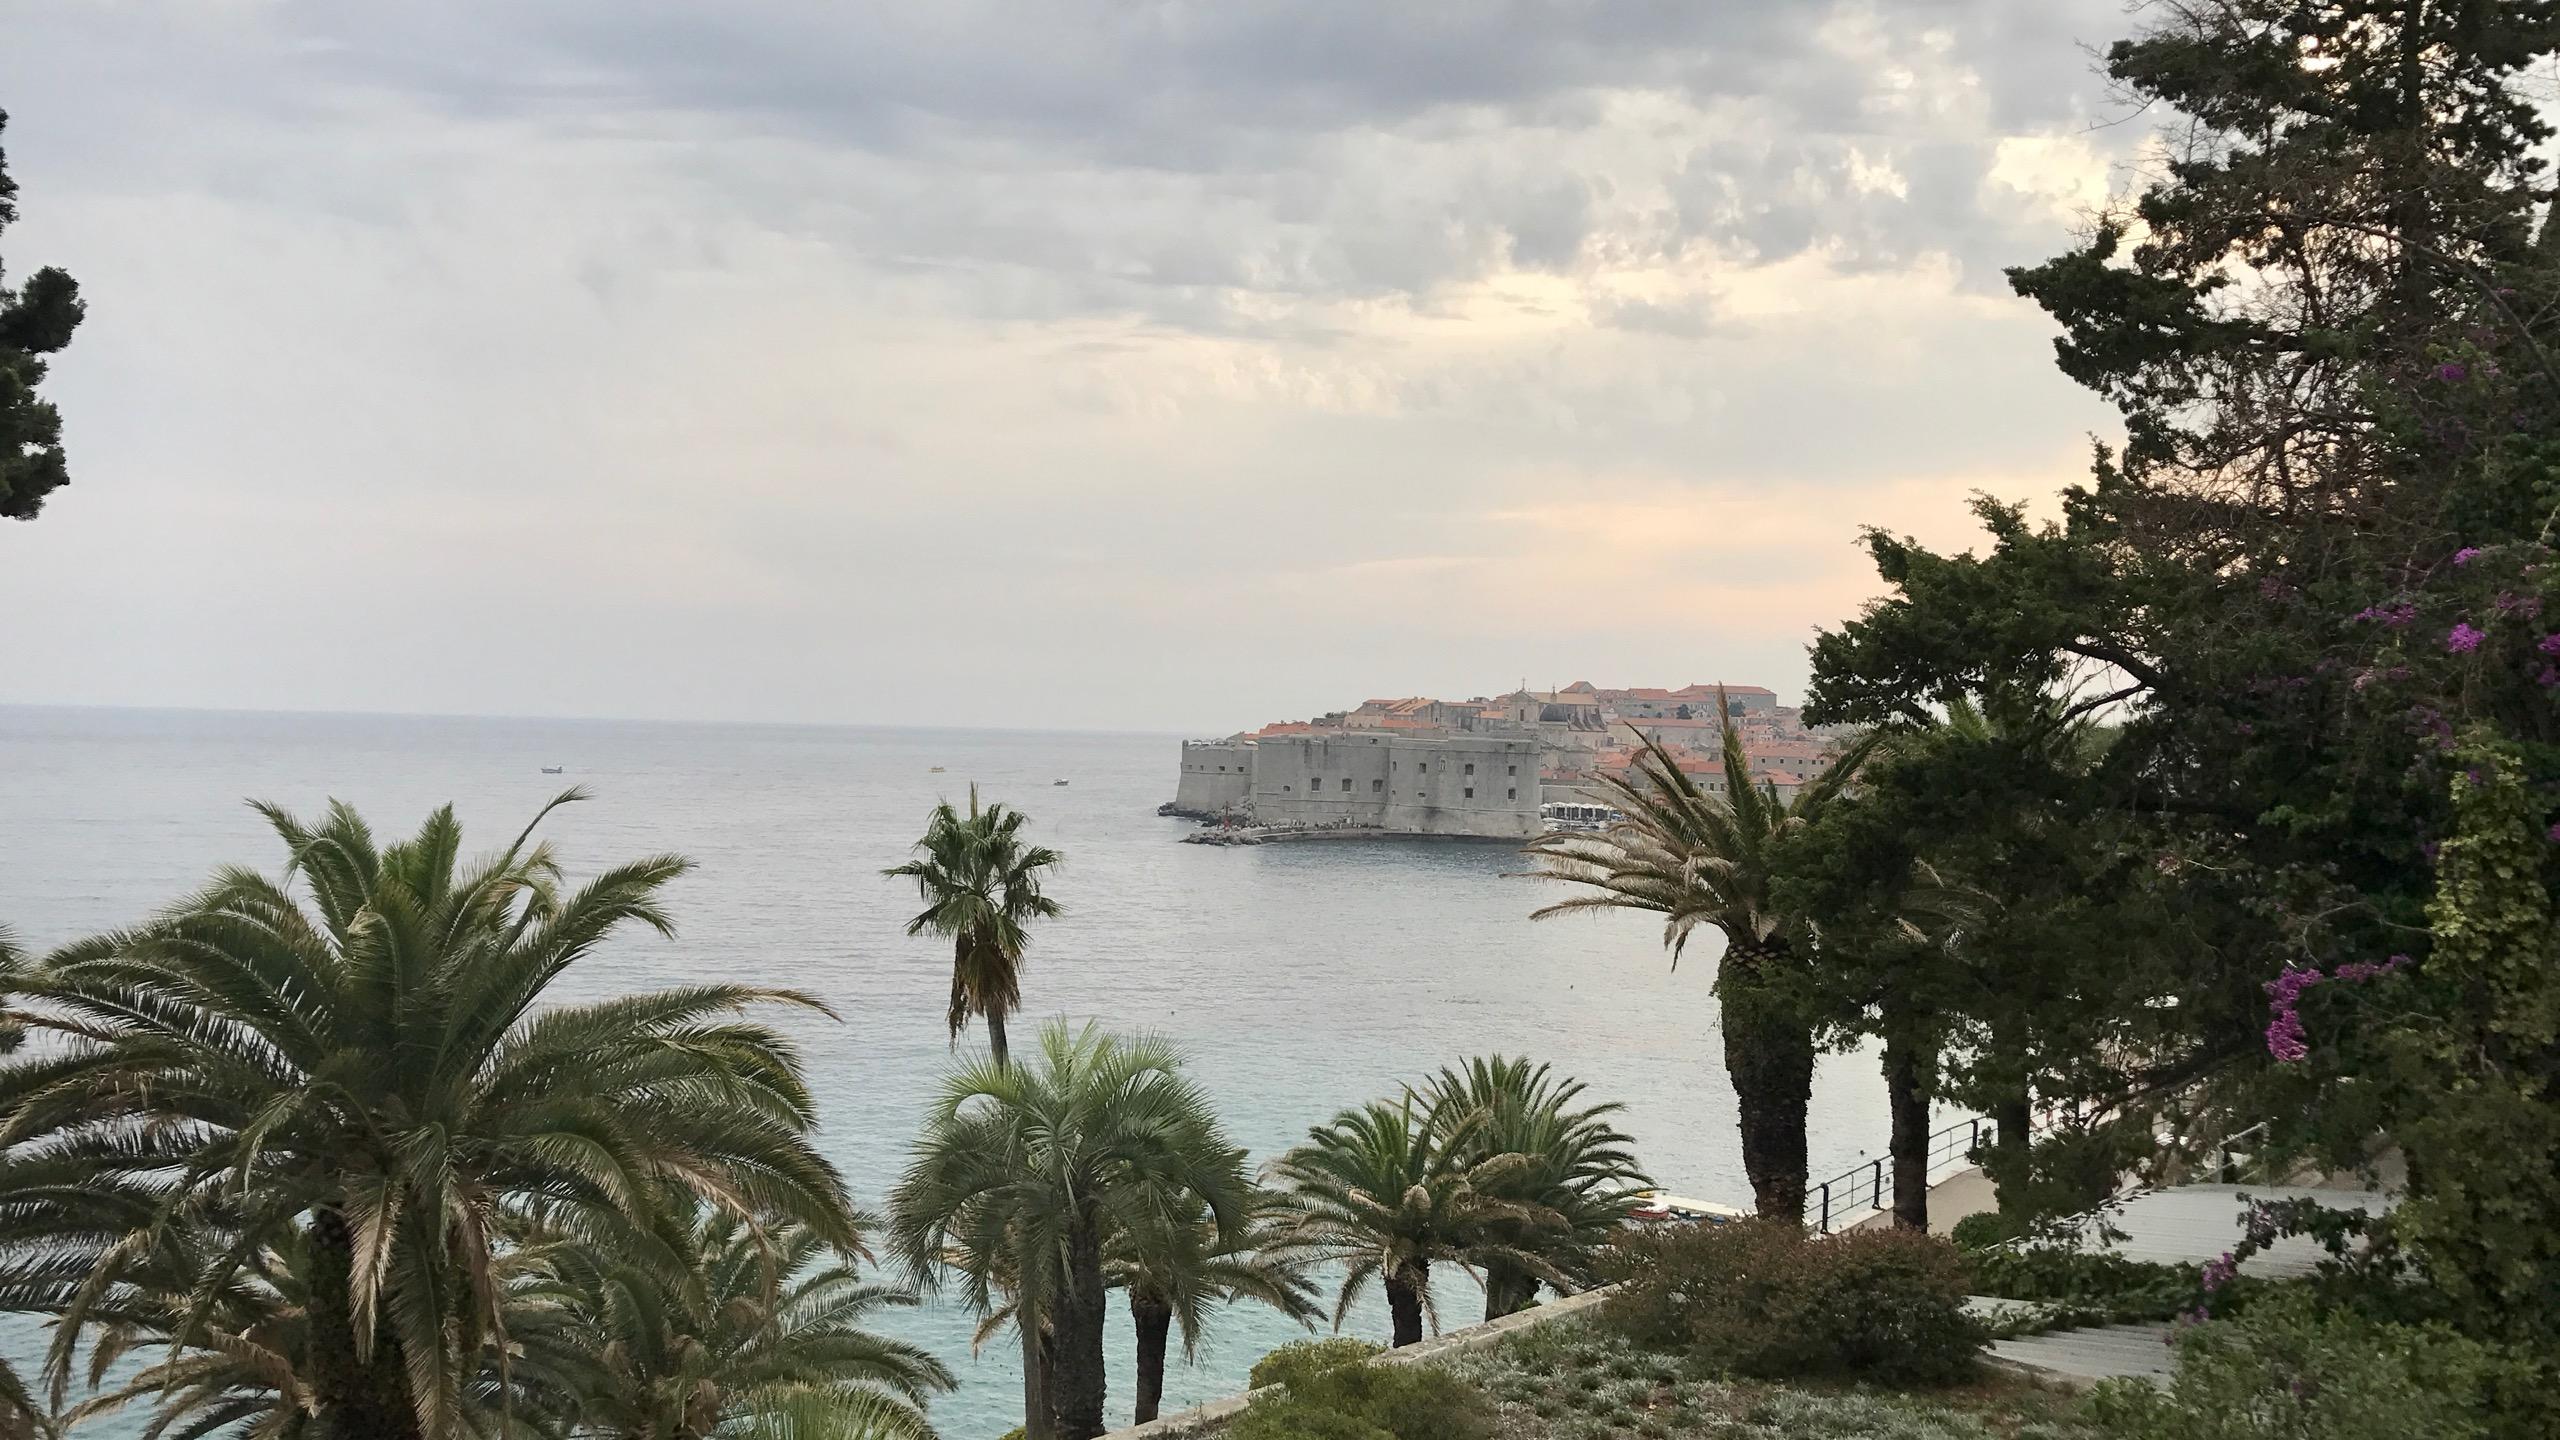 Dubrovnik Altstadt Blick vom Luxushotel Excelsior, im Bild der Blick auf die Altstadt, türkisblaue Adria, umrahmt von unzähligen Palmen und Blumen